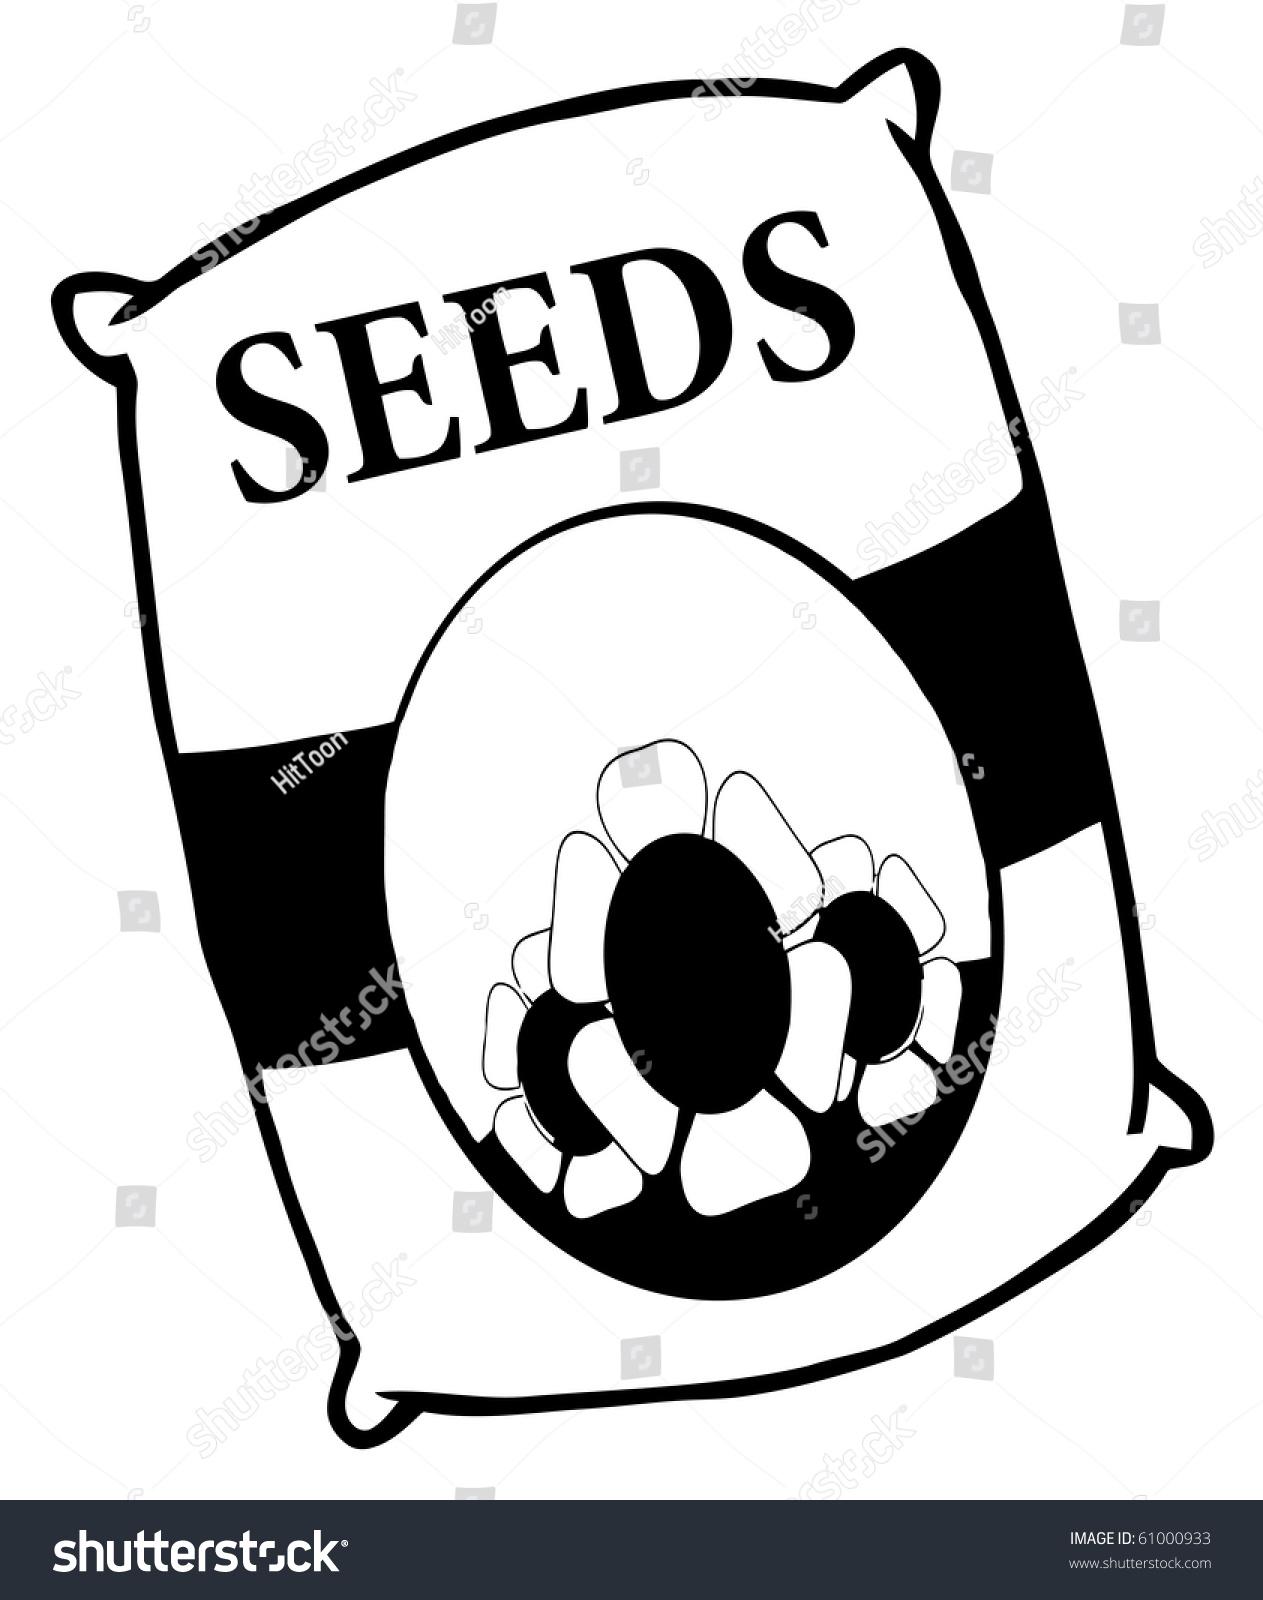 Bird seed clipart image transparent stock Bird Seed Clip Art – Clipart Download - Free Clipart image transparent stock